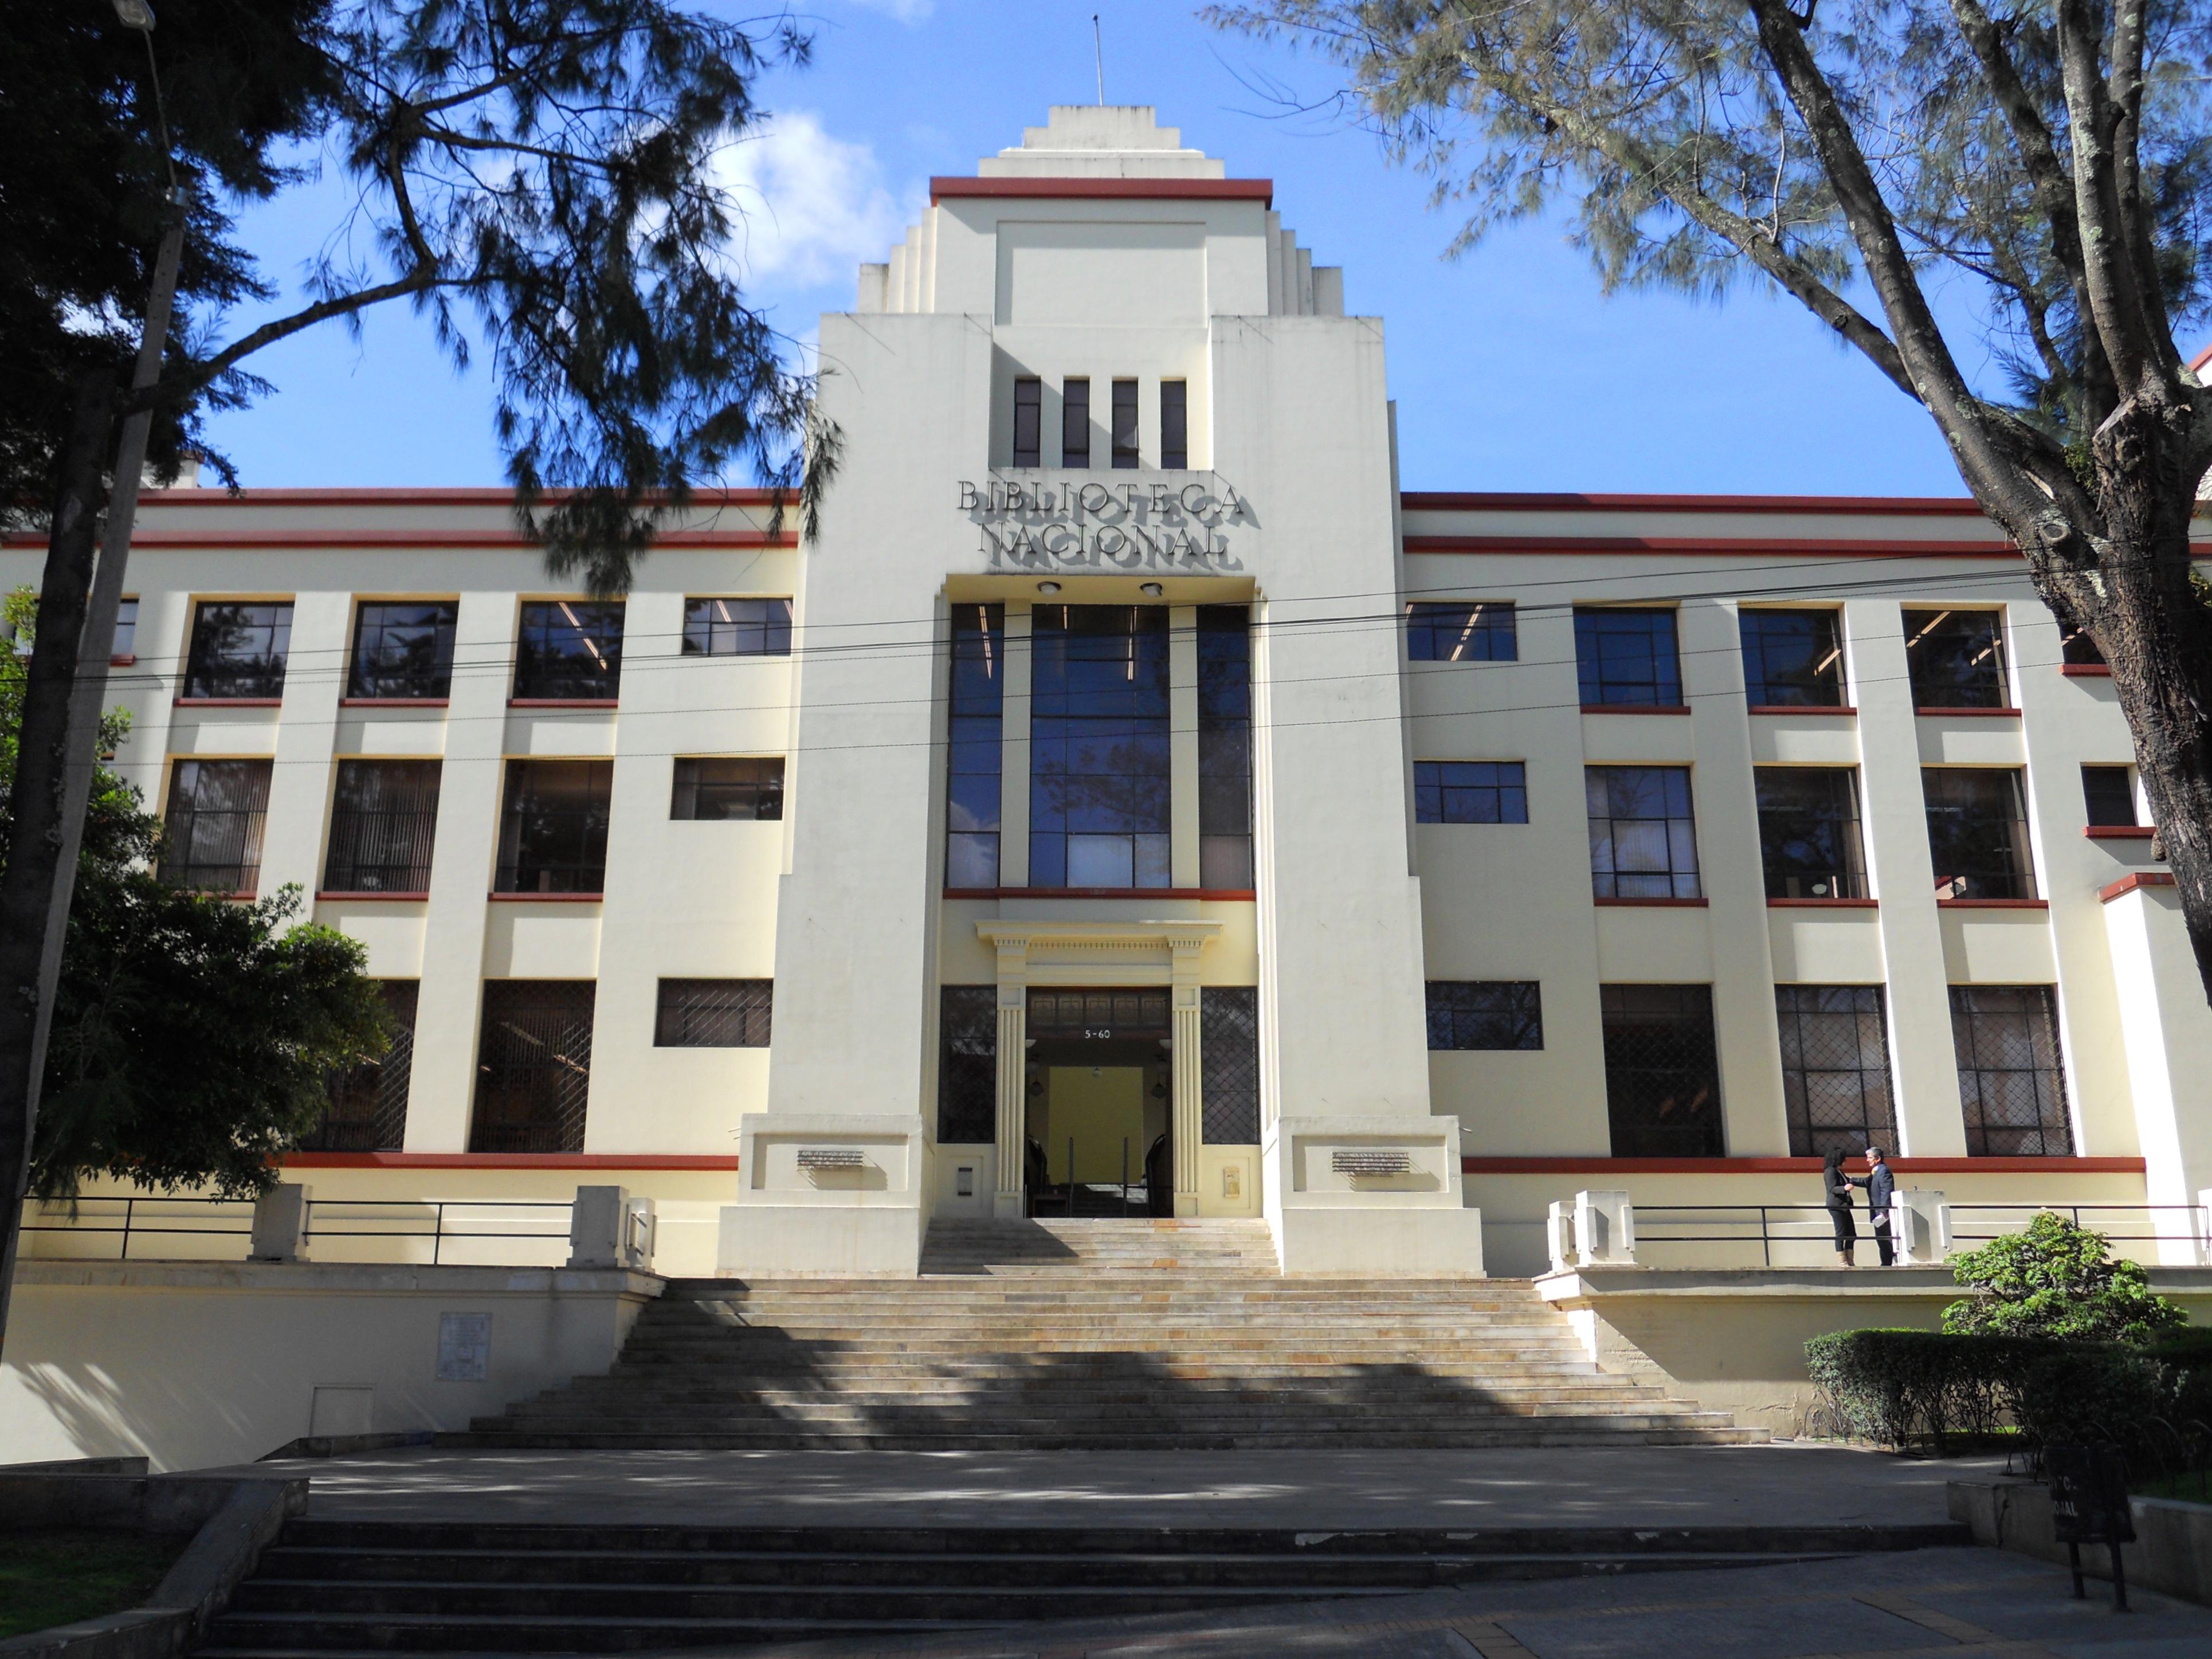 Biblioteca Nacional de Colombia - Wikipedia, la enciclopedia